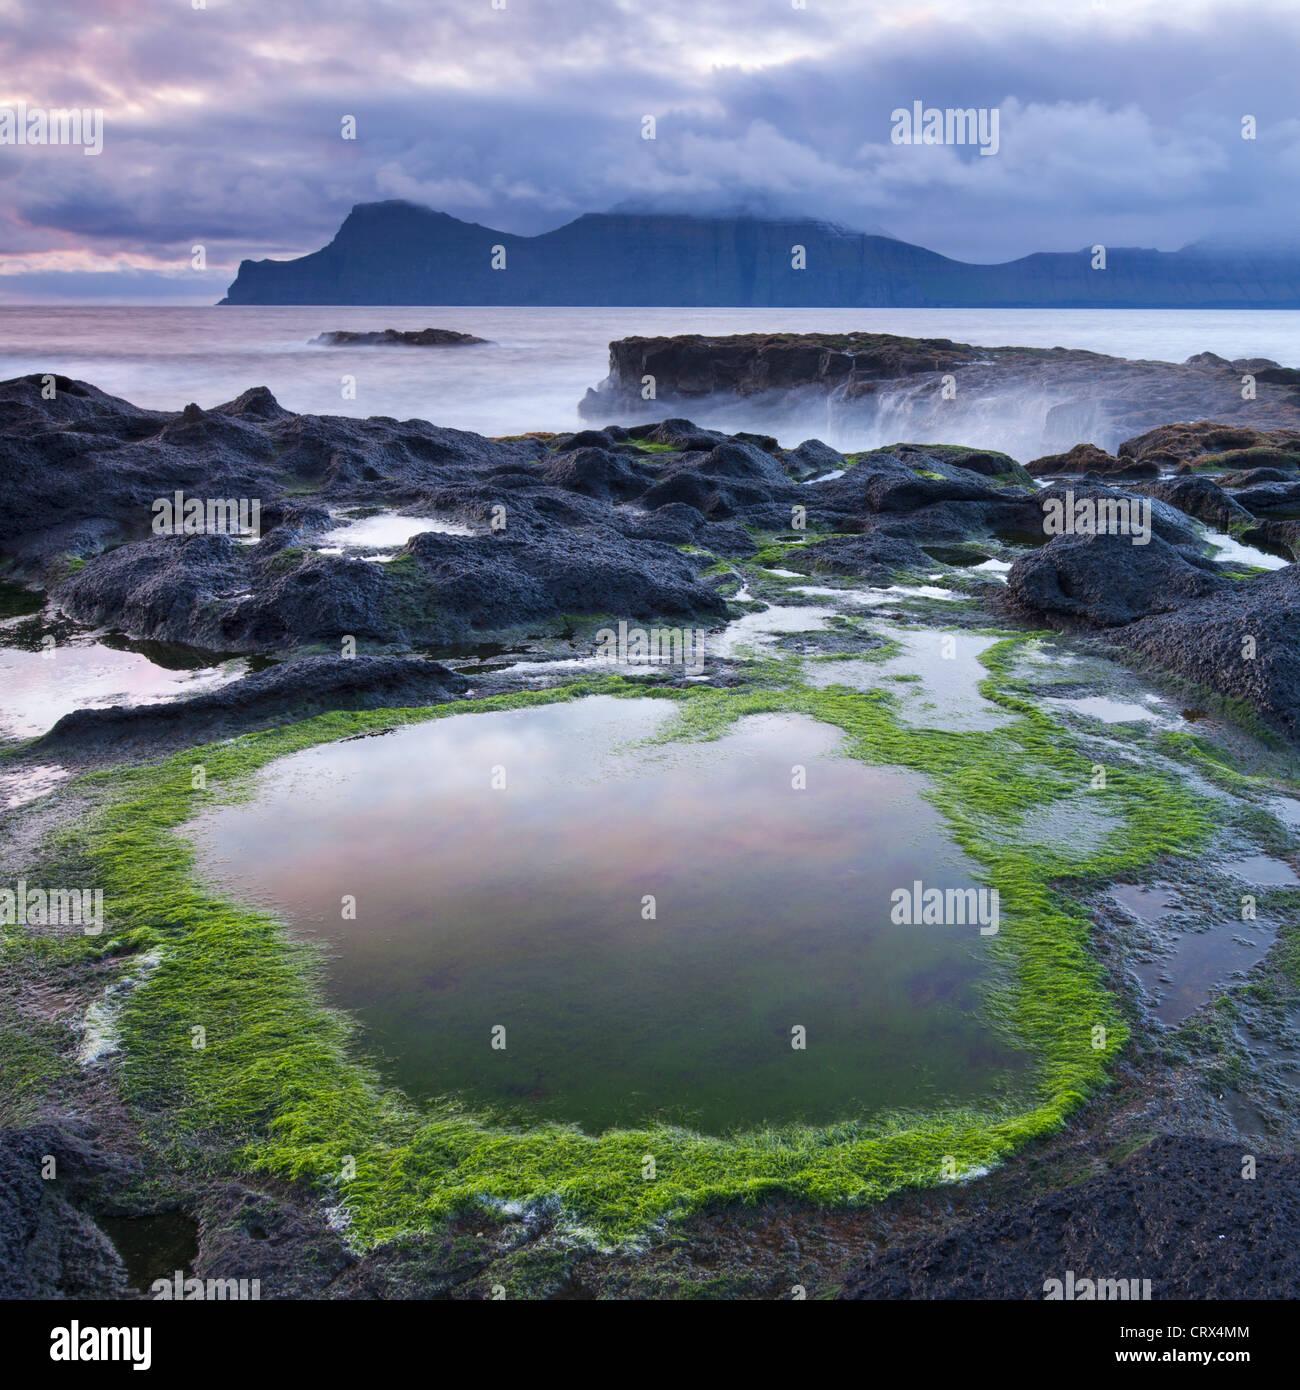 An den Ufern des Gjogv auf Eysturoy, mit Blick auf die bergige Insel Kalsoy Felsenpools. Färöer Inseln. Stockbild